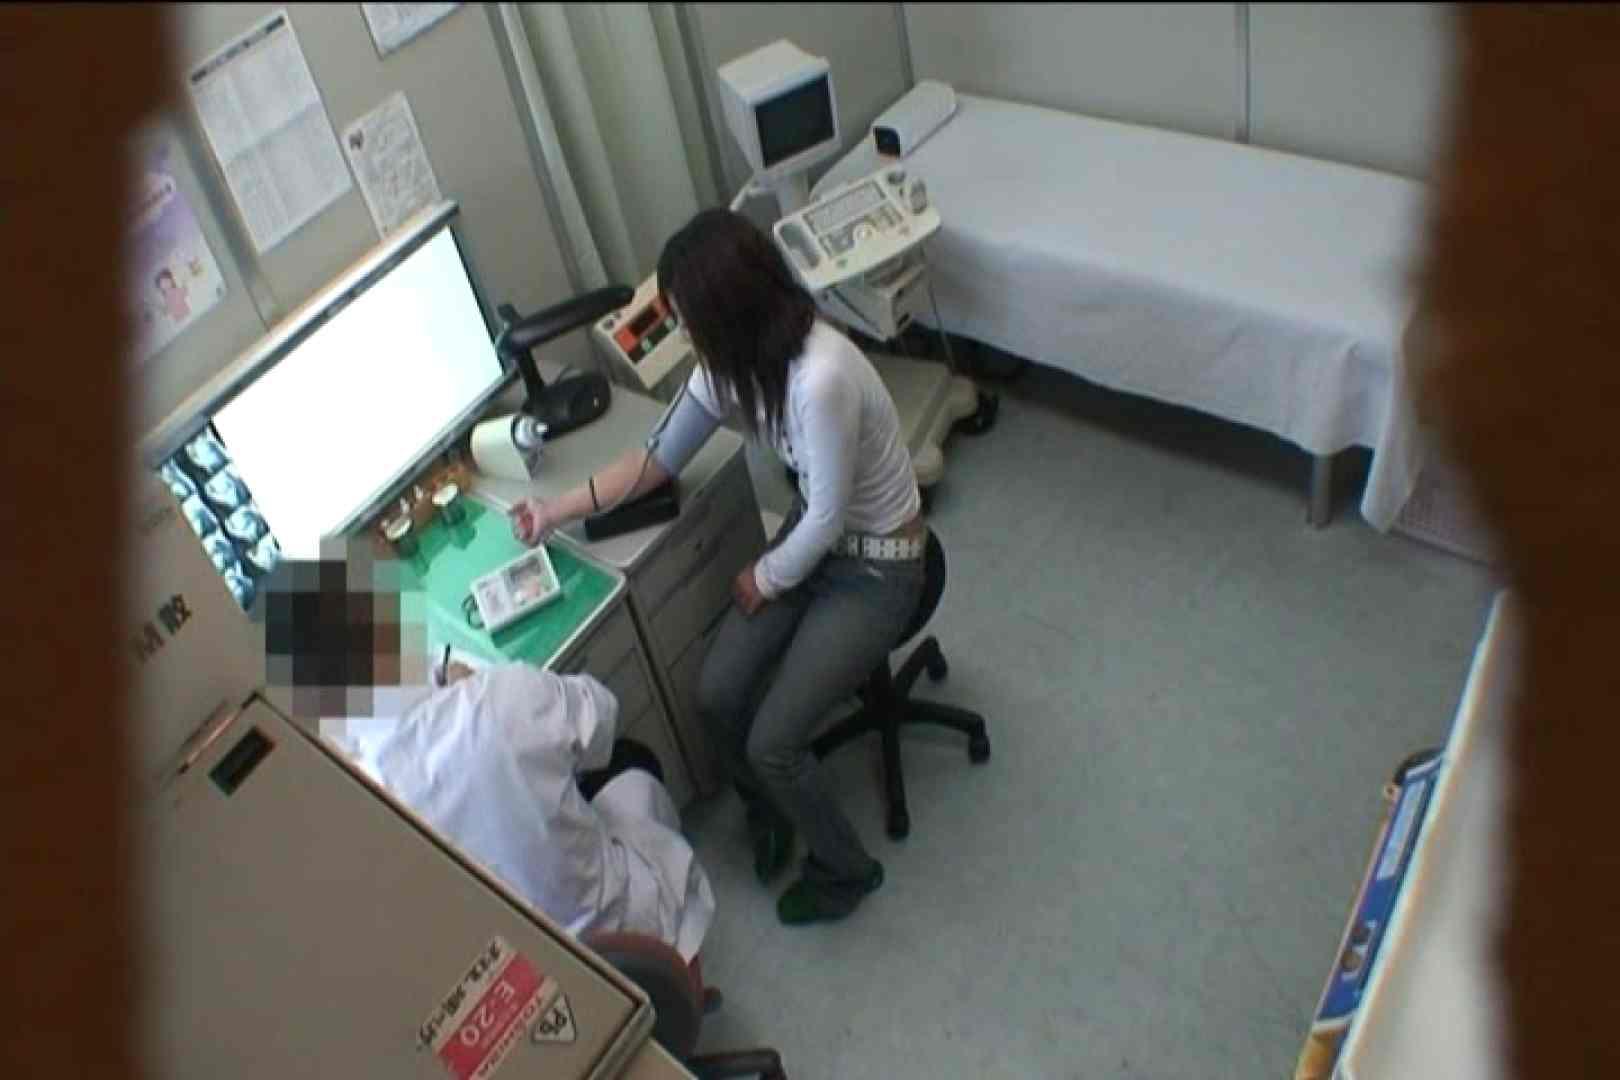 患者のおまんこをコレクションする変態医師の流出映像Vol.5 マンコ・ムレムレ | おまんこ  73pic 61